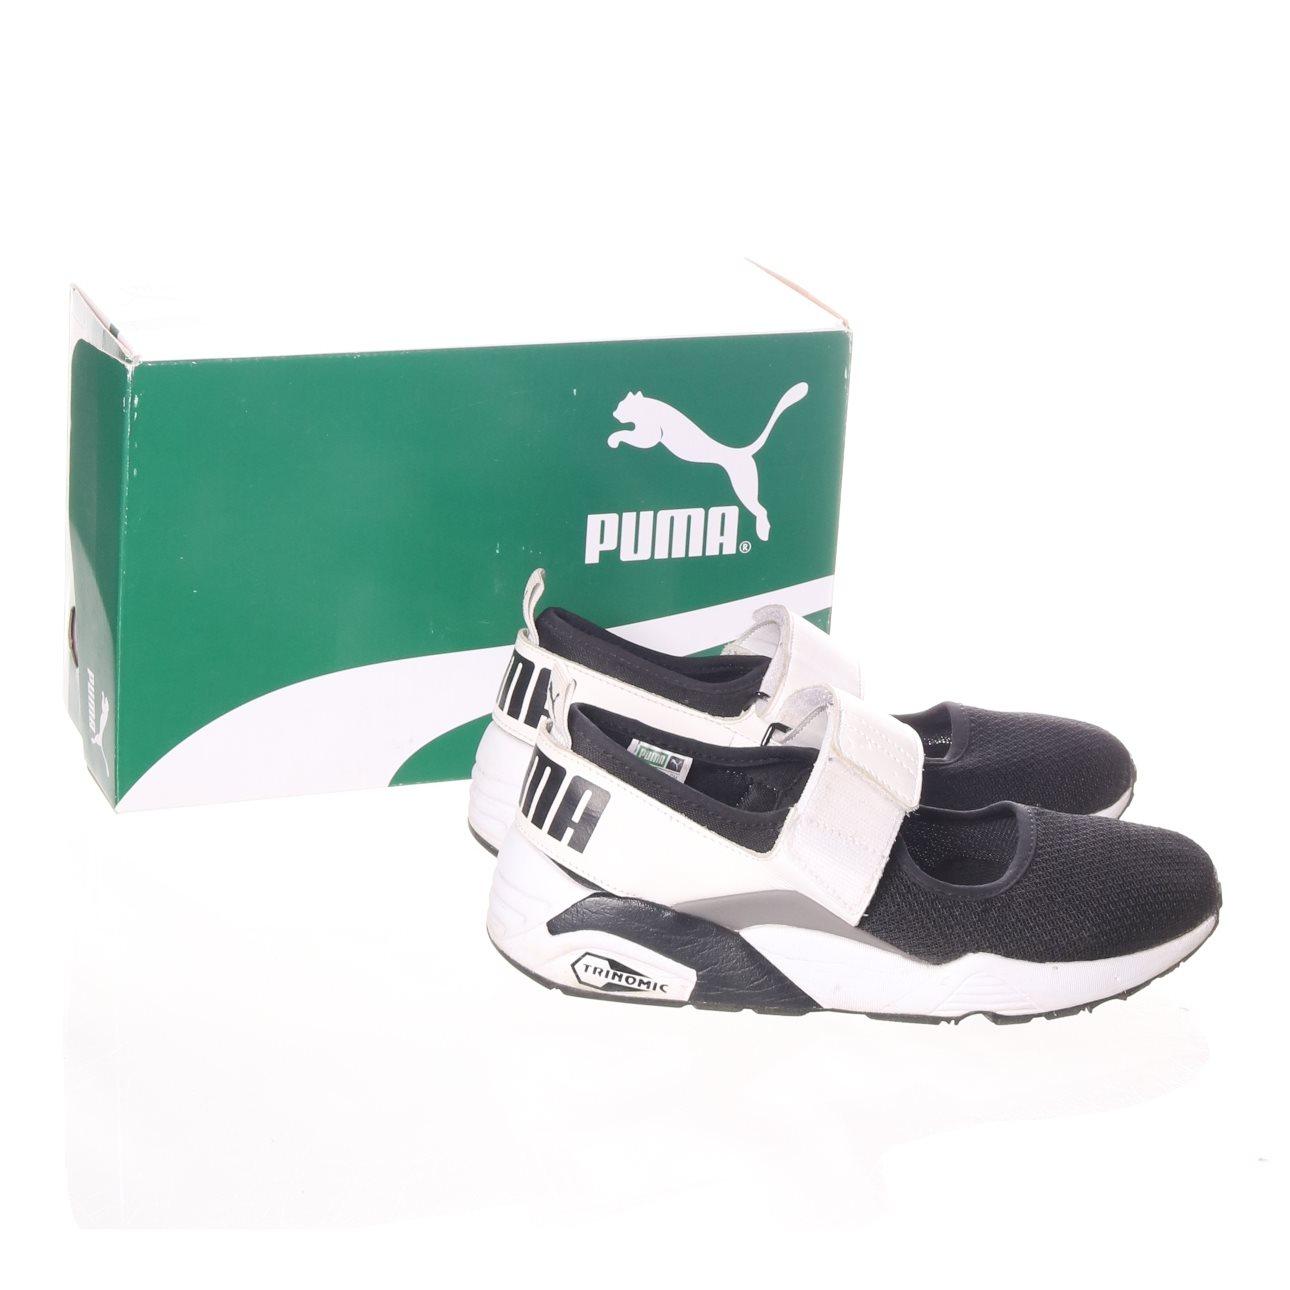 99d16006fd2 Puma